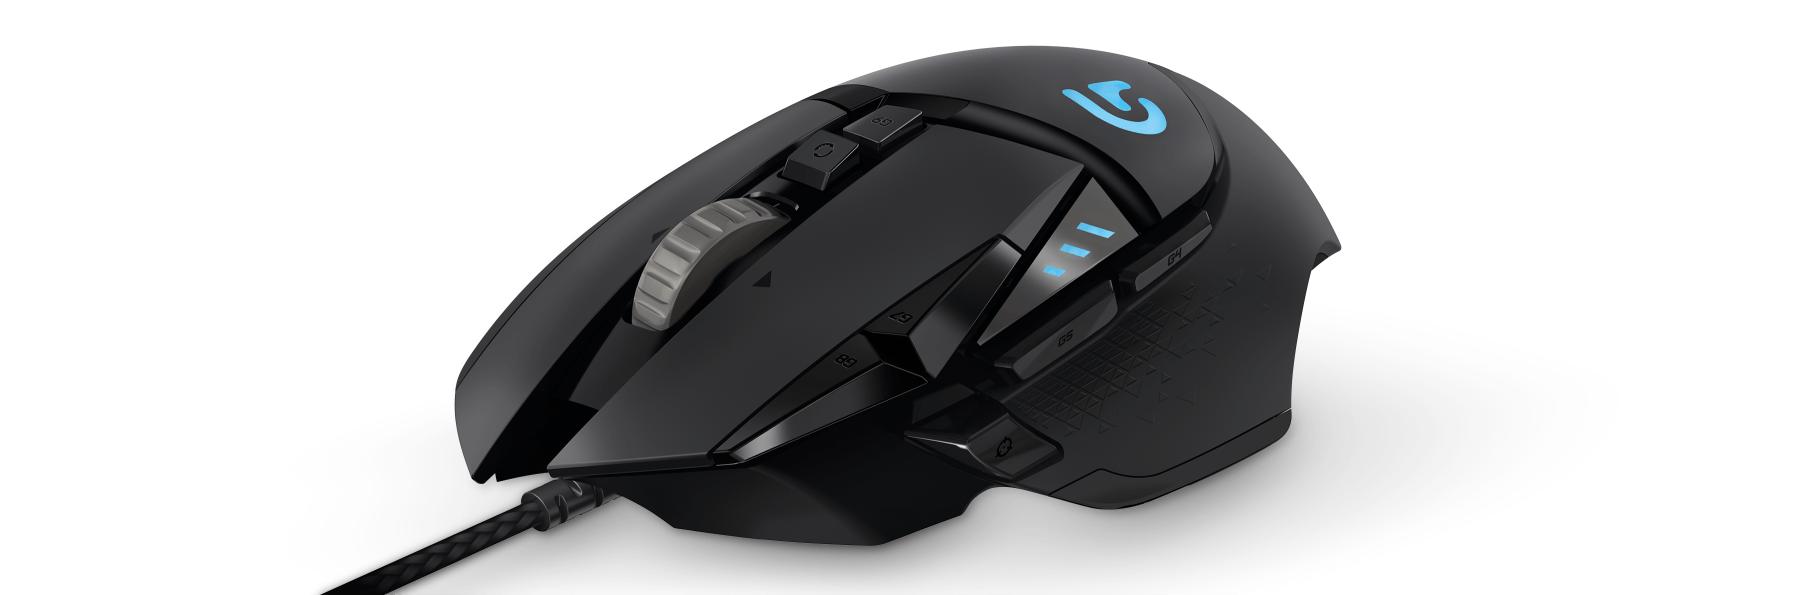 G502 Proteus Spectrum RGB 可調校遊戲滑鼠